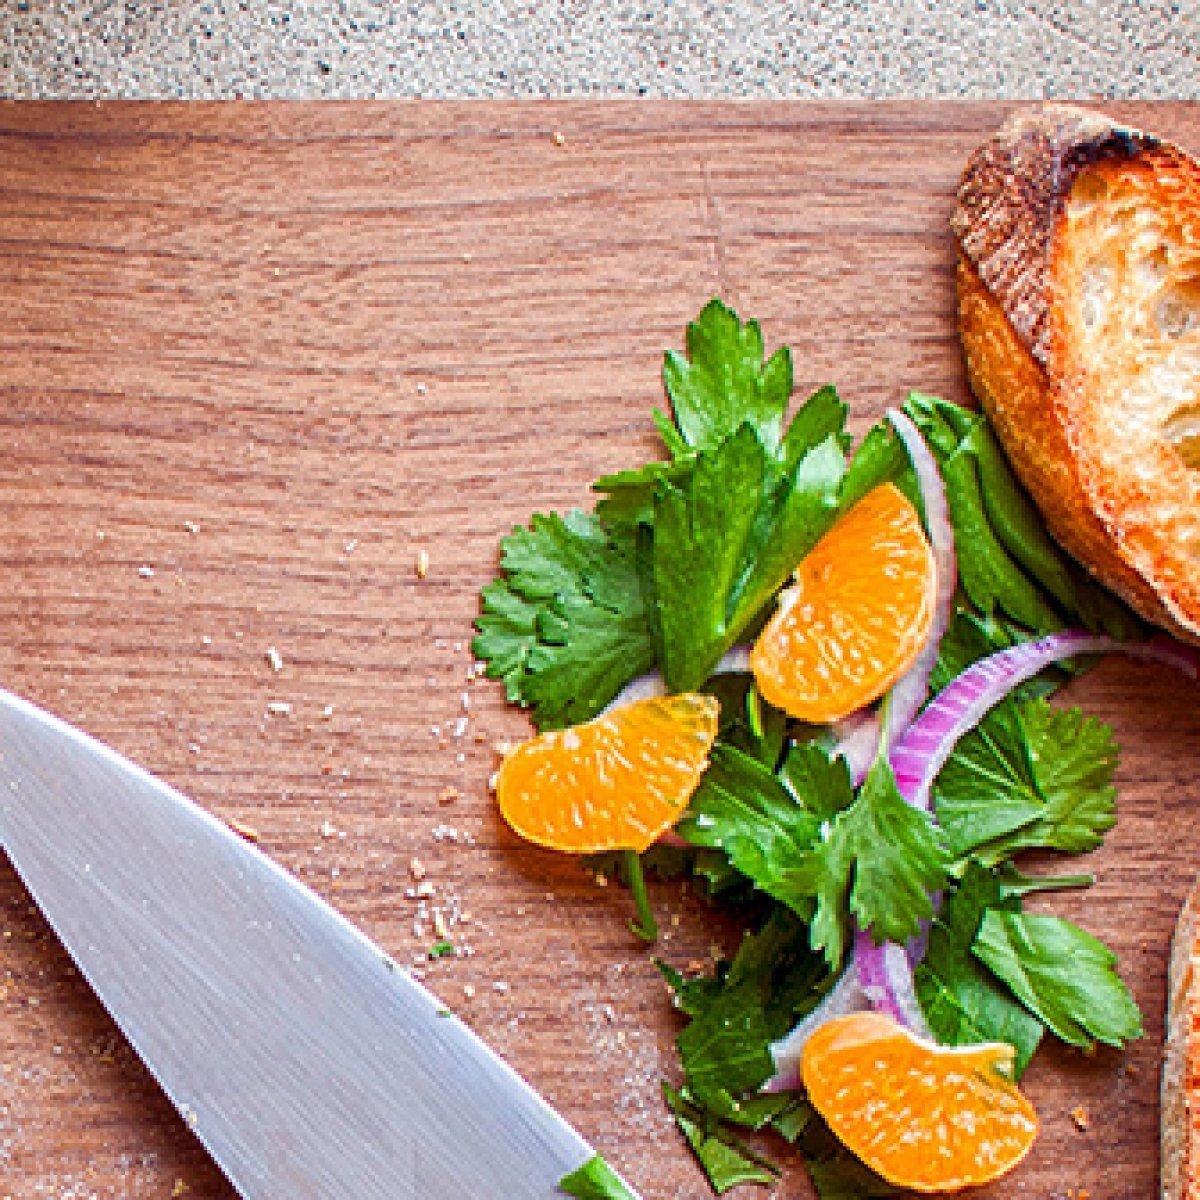 Επιτραπέζιες βάσεις κουζίνας   Mymegamarket.gr